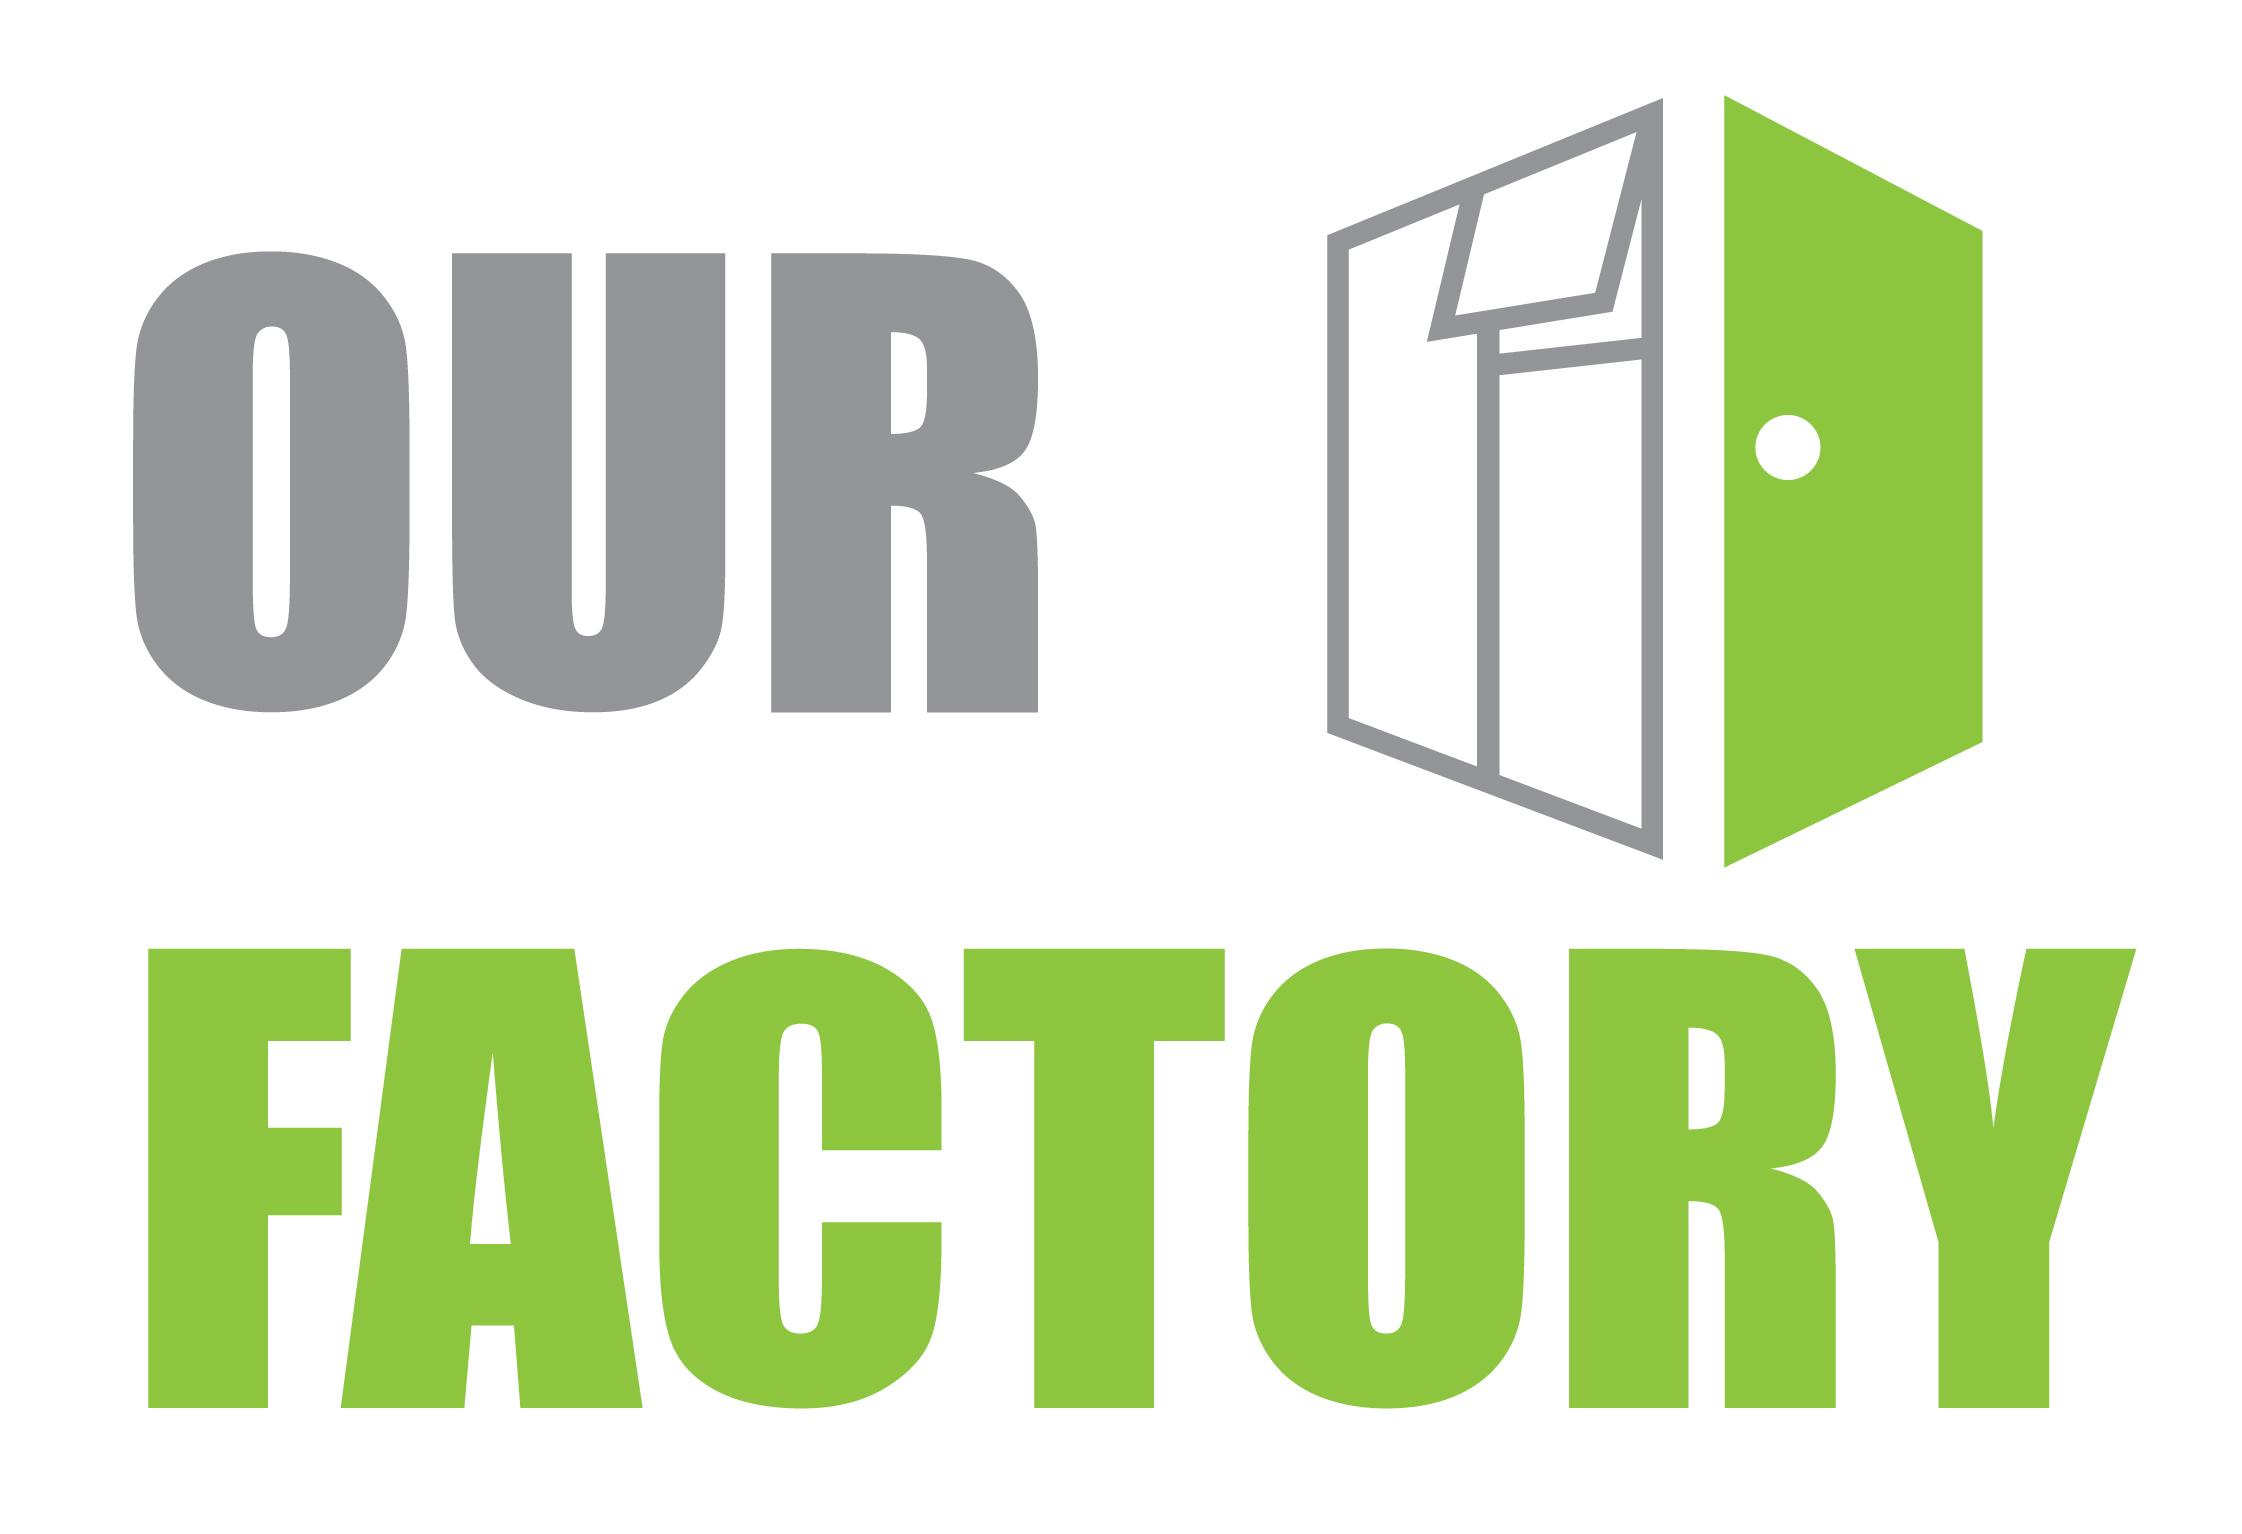 Our Factory Ltd